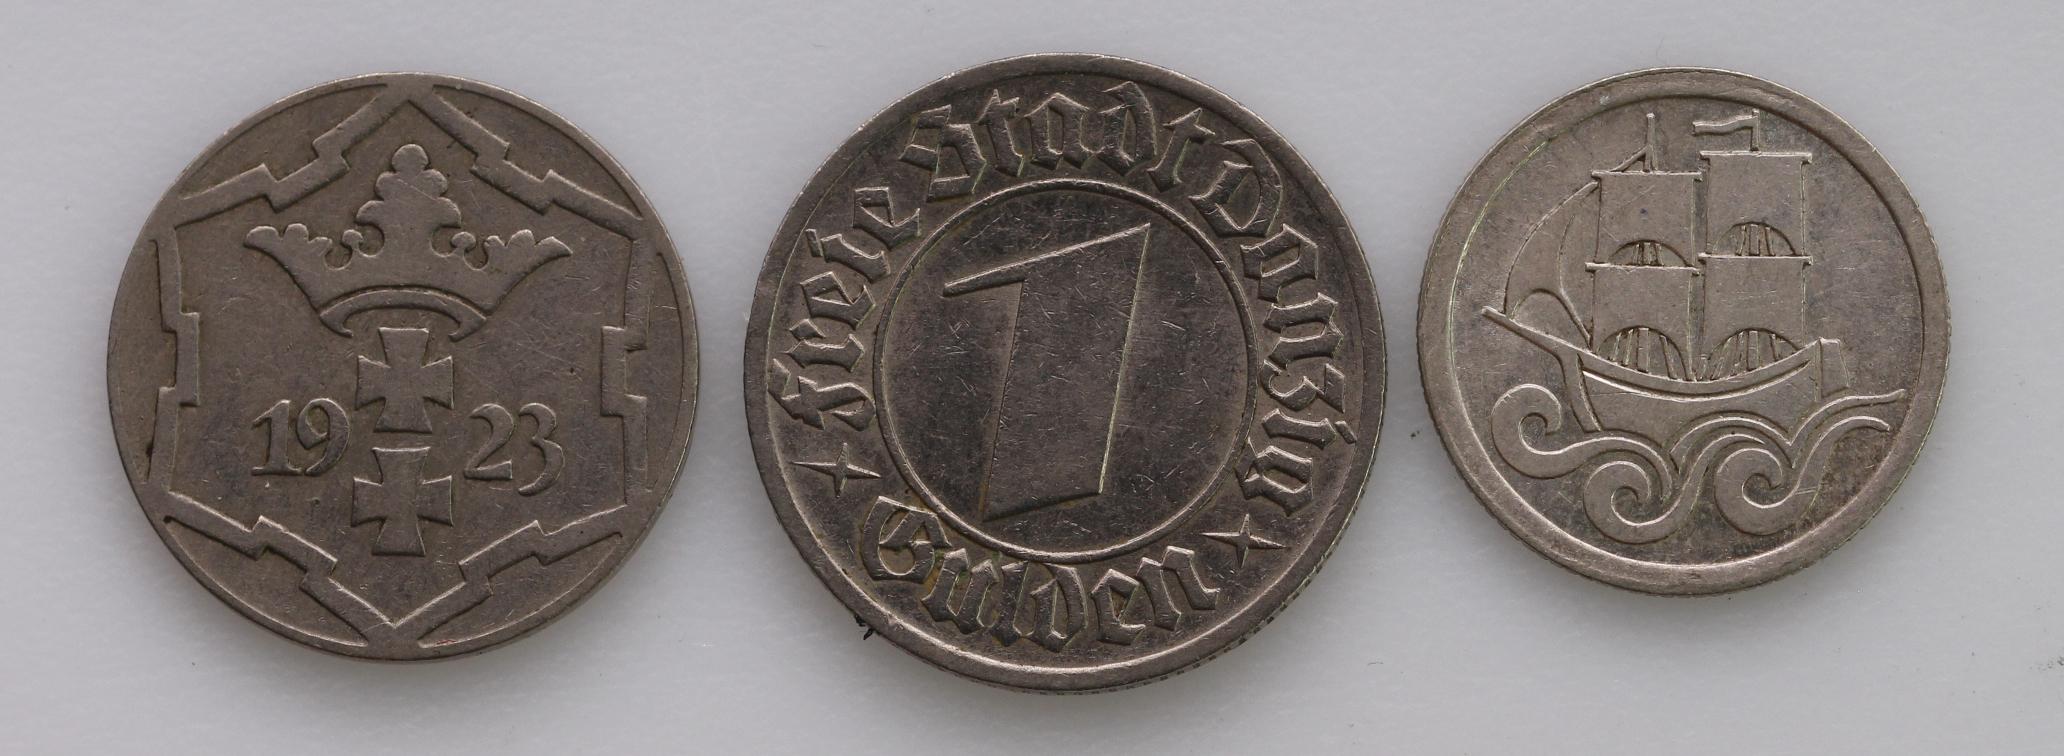 Danzig (3): 10 Pfennig 1923 VF, 1/2 Gulden 1923 EF, and 1 Gulden 1932 nEF